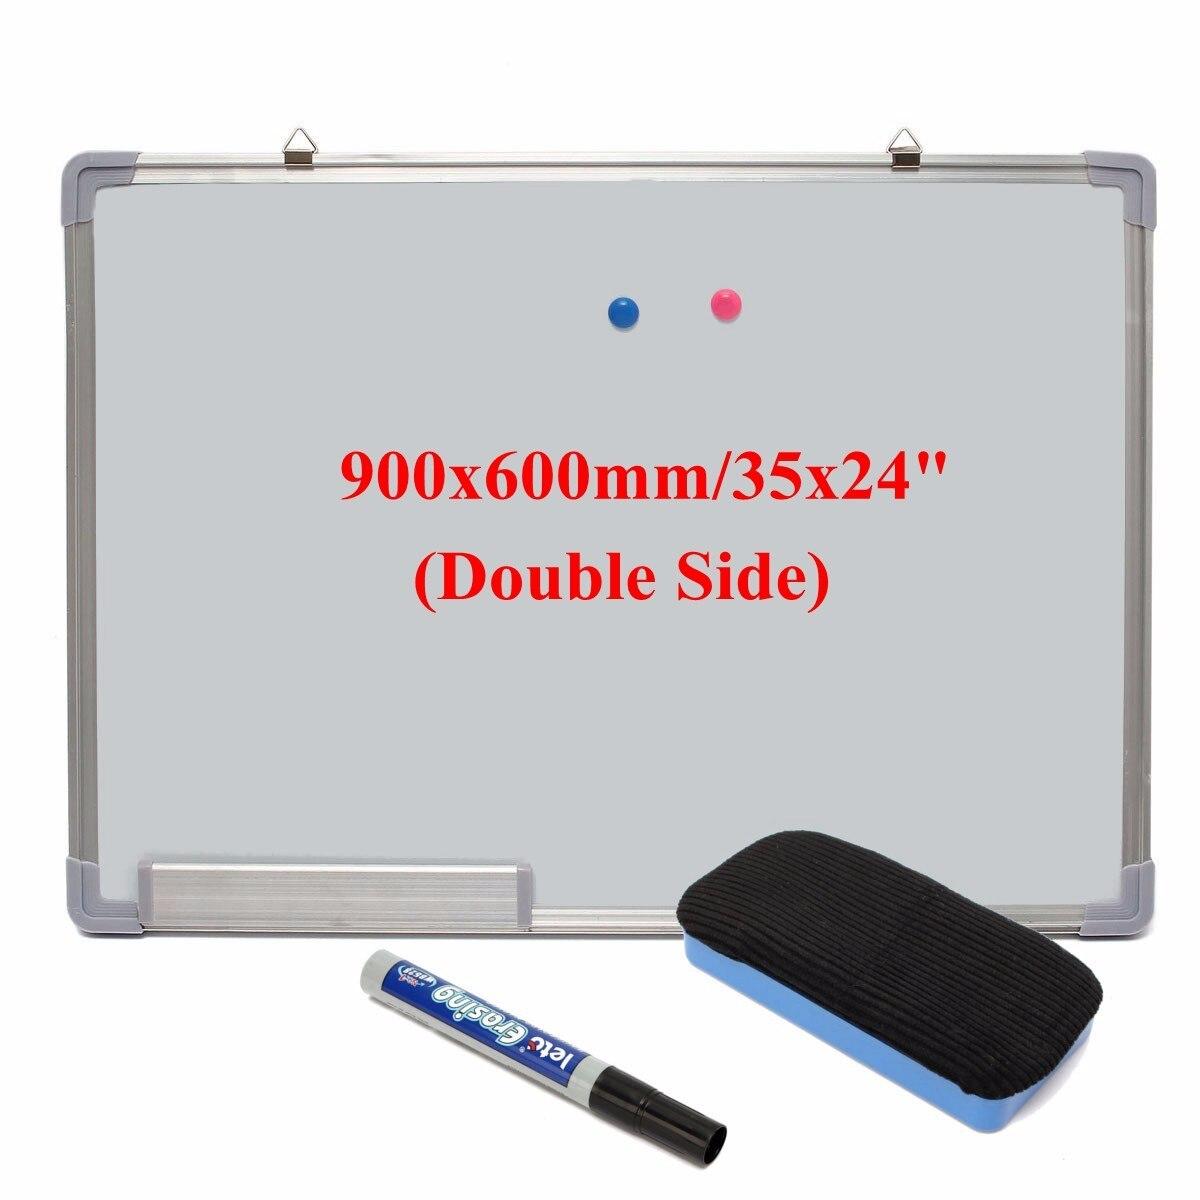 Kicute tableau blanc effaçable à sec magnétique 600x900 MM Double face avec stylo effaçable aimants boutons pour école de bureau - 3